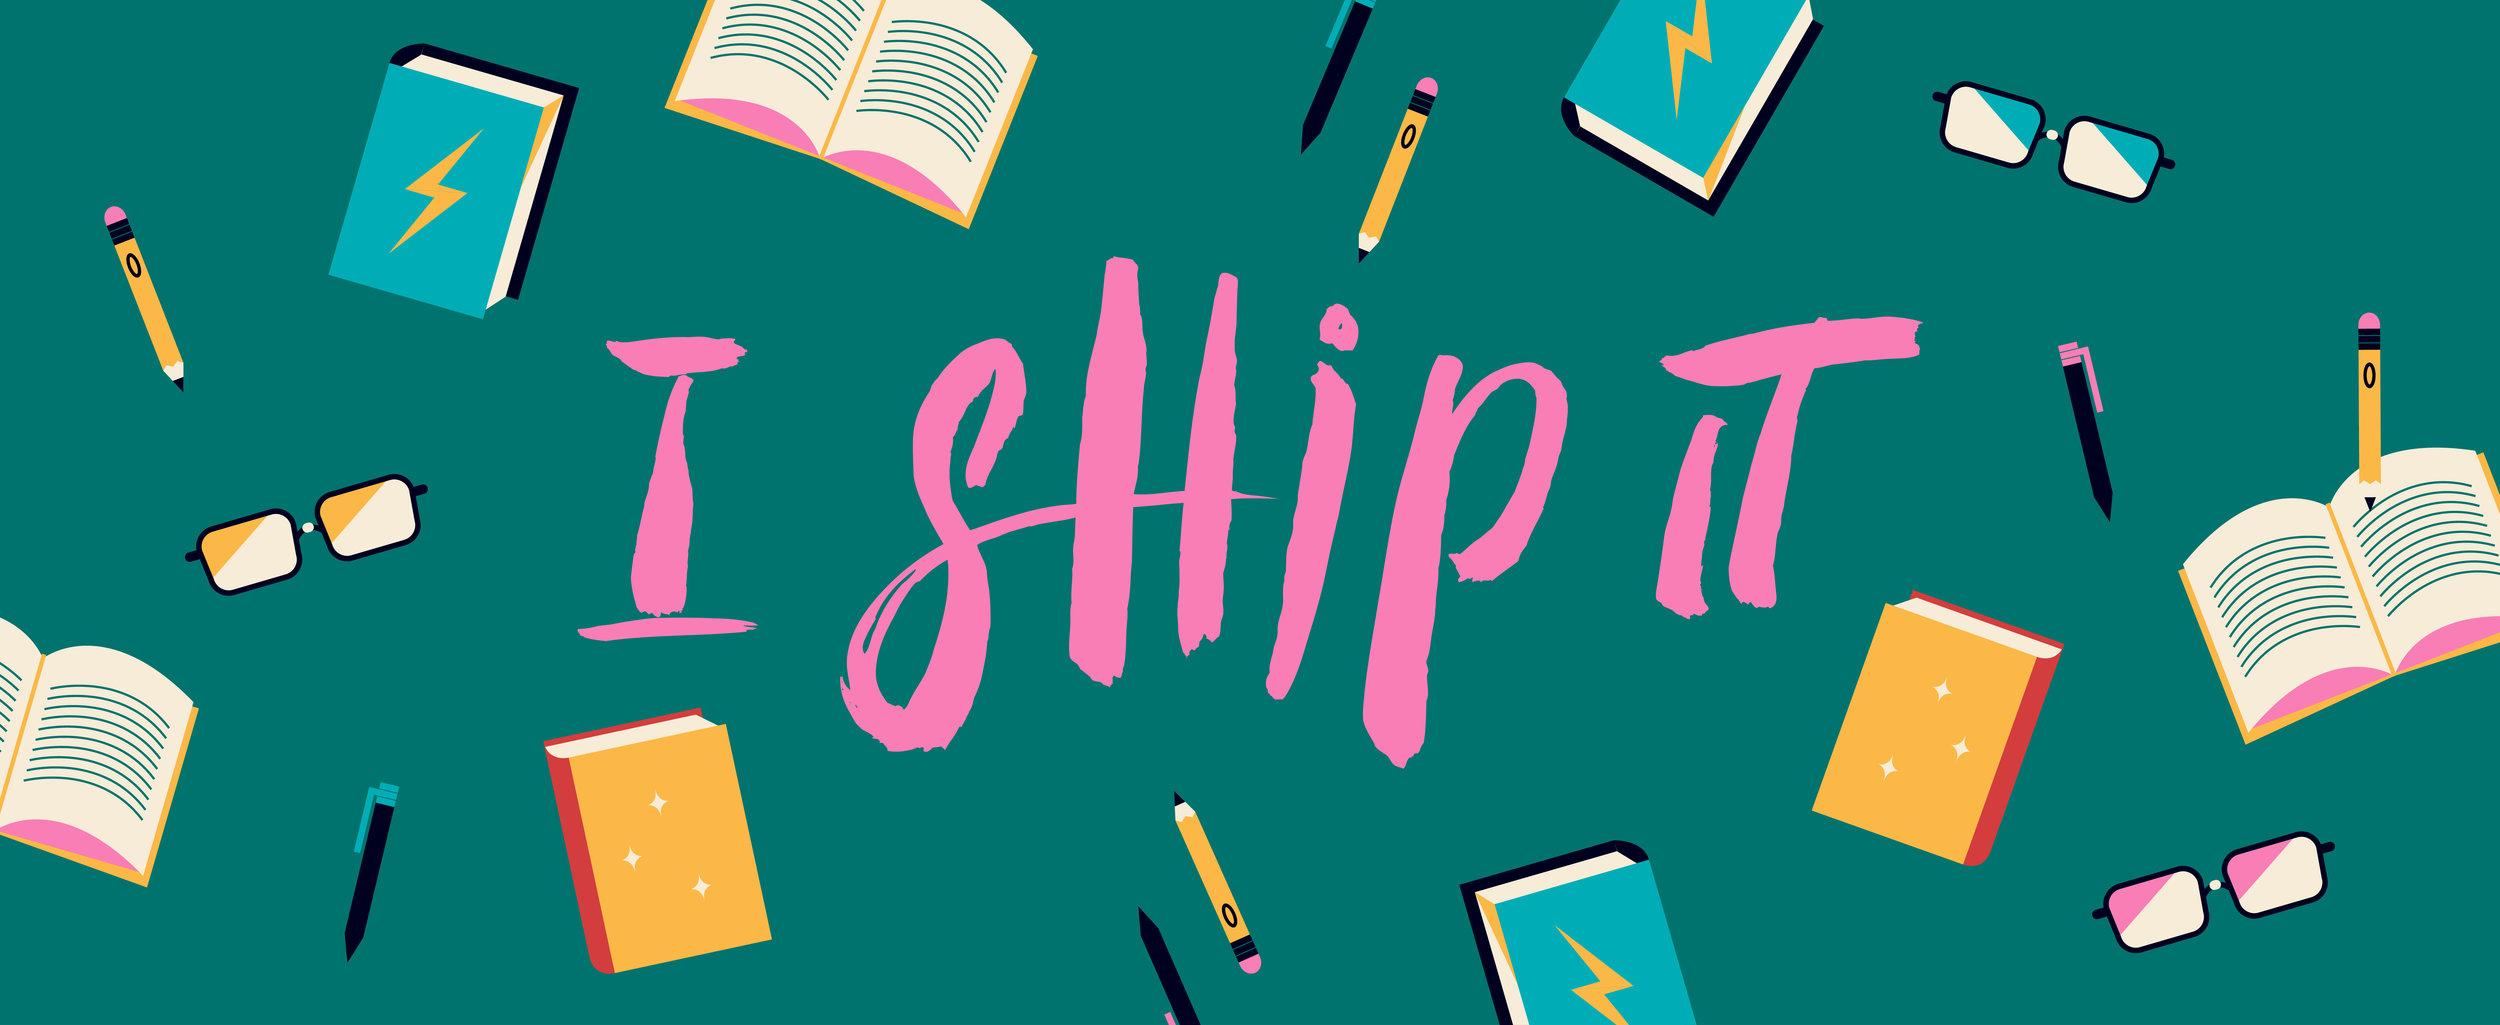 I Ship It-05.jpg